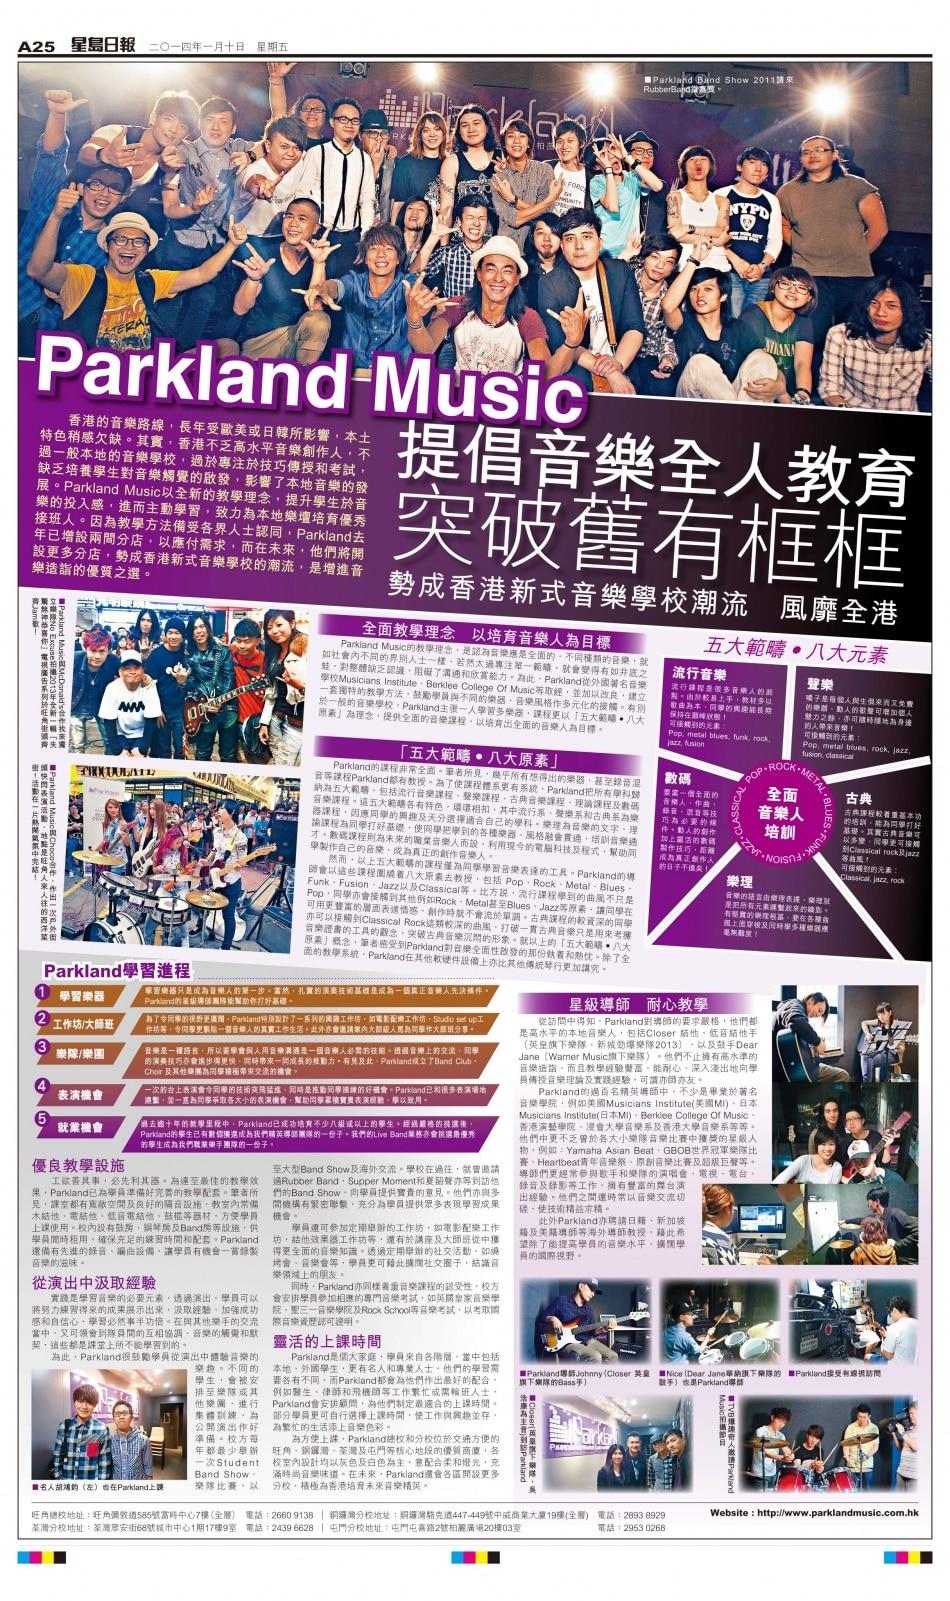 images-stories-media-20140125singtao-950x1601